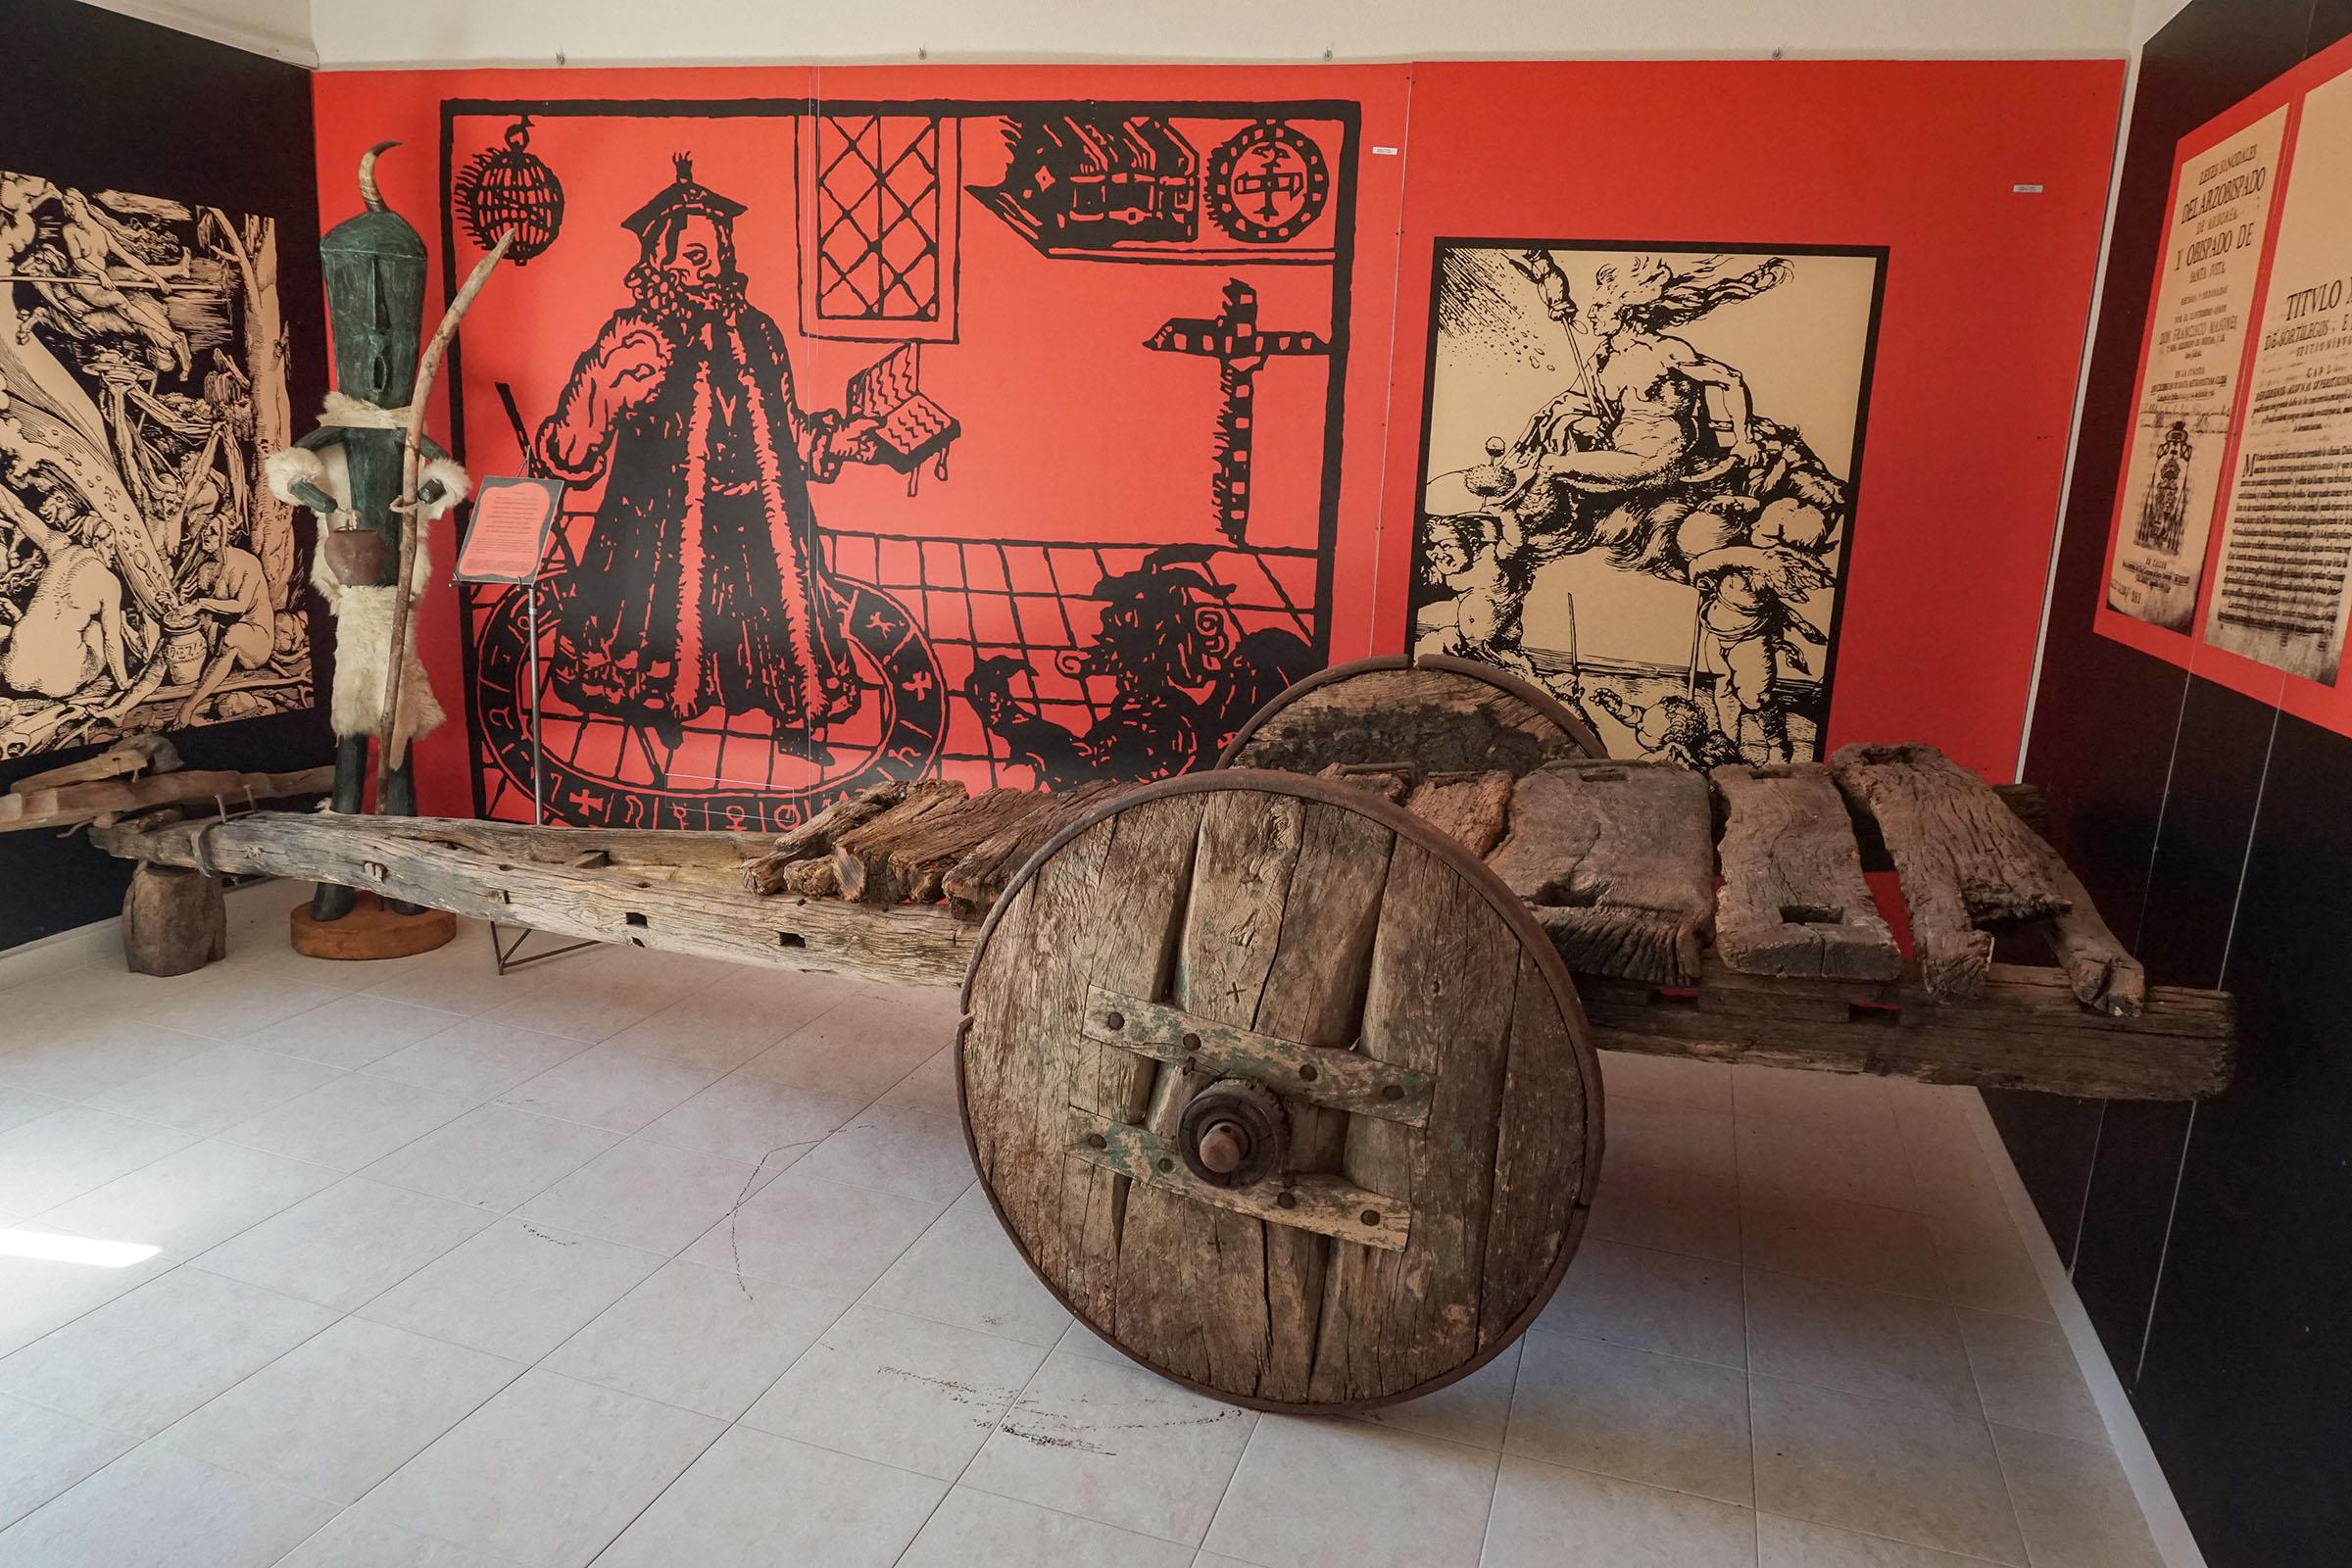 Streghe e magia in Sardegna: il museo S'Omo 'e Sa Majarza di Bidonì